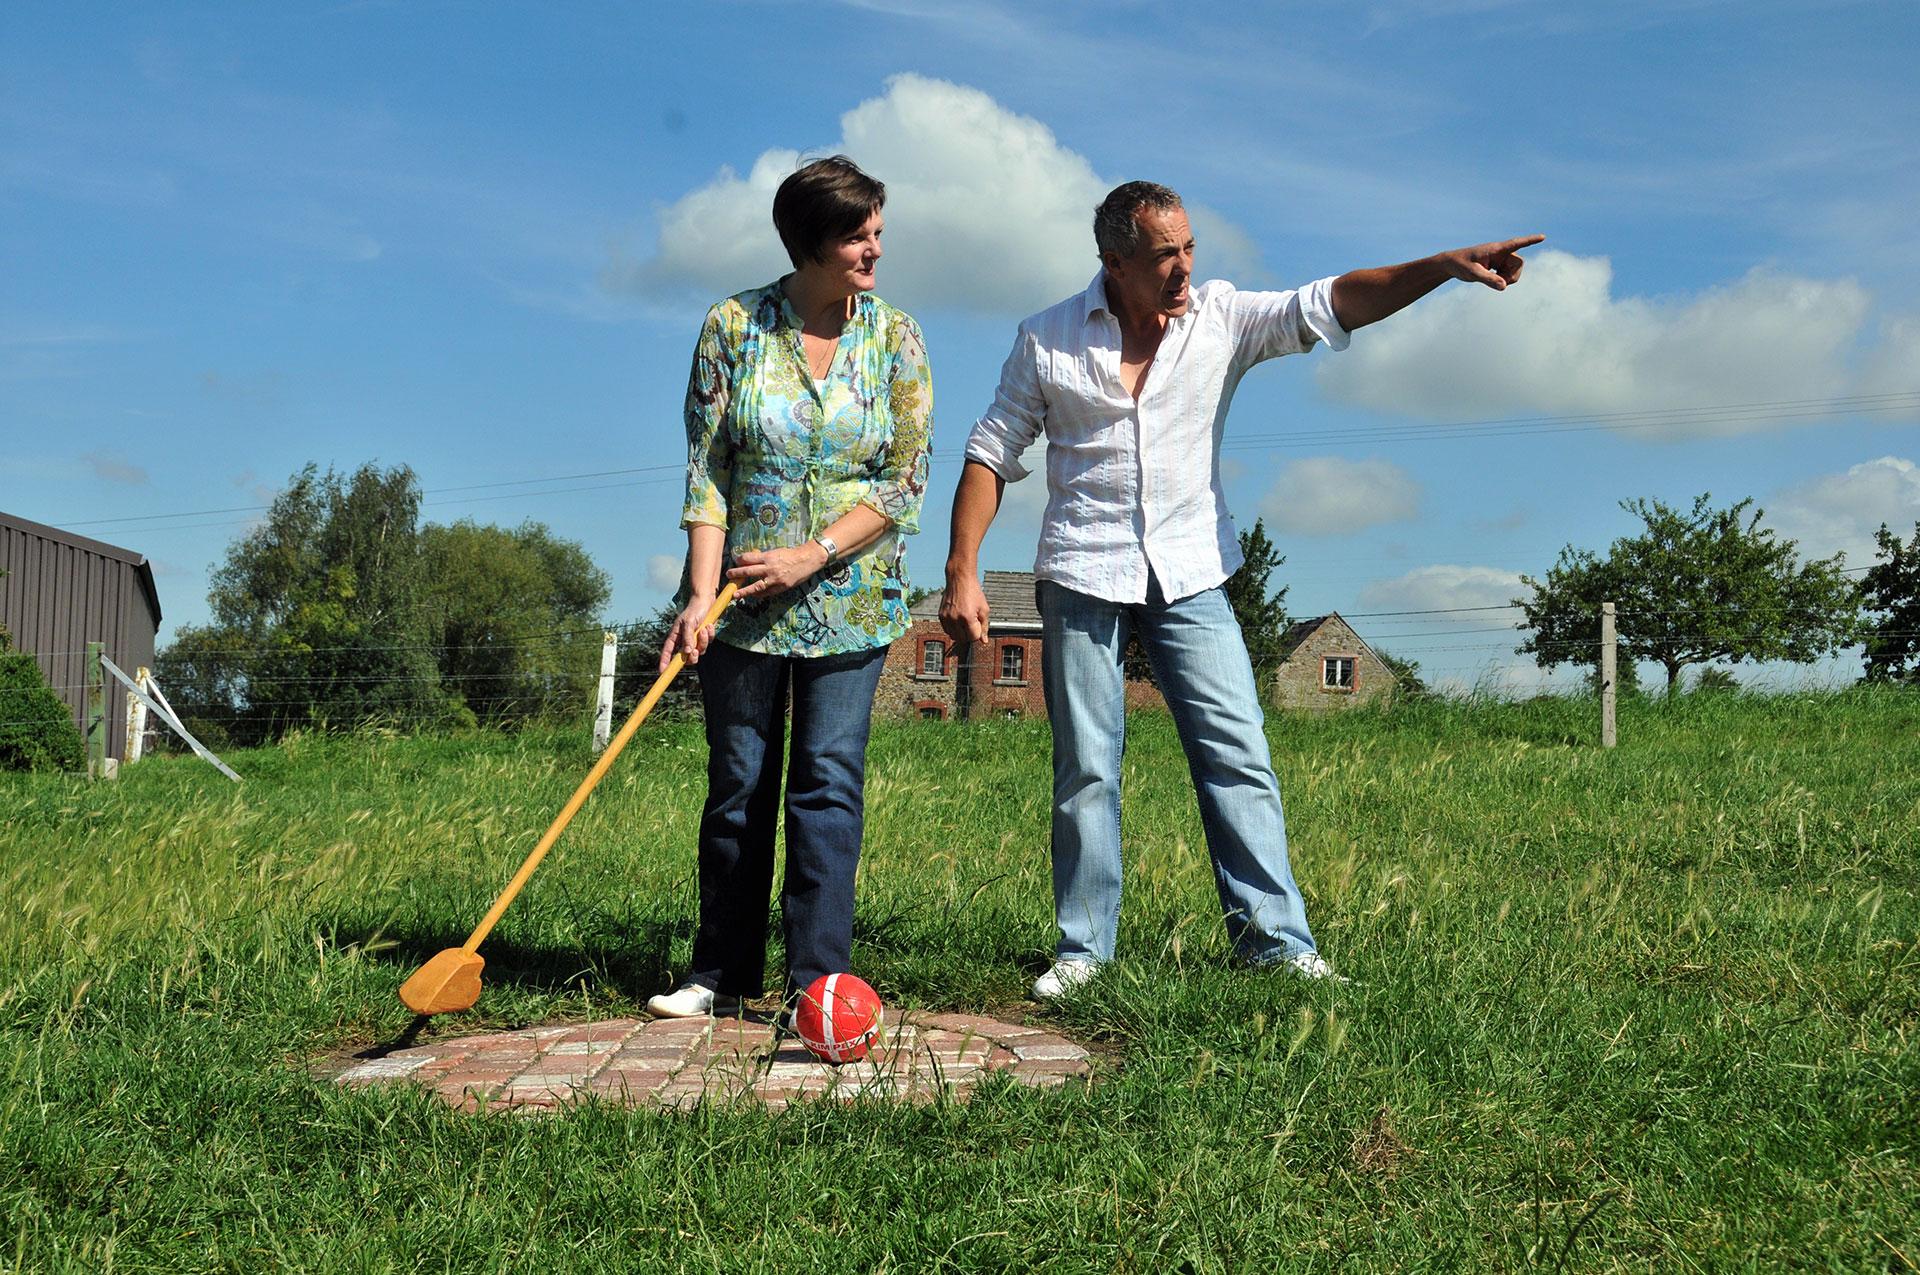 ferme de Gérard Sart - golf champêtre - Wallonie insolite